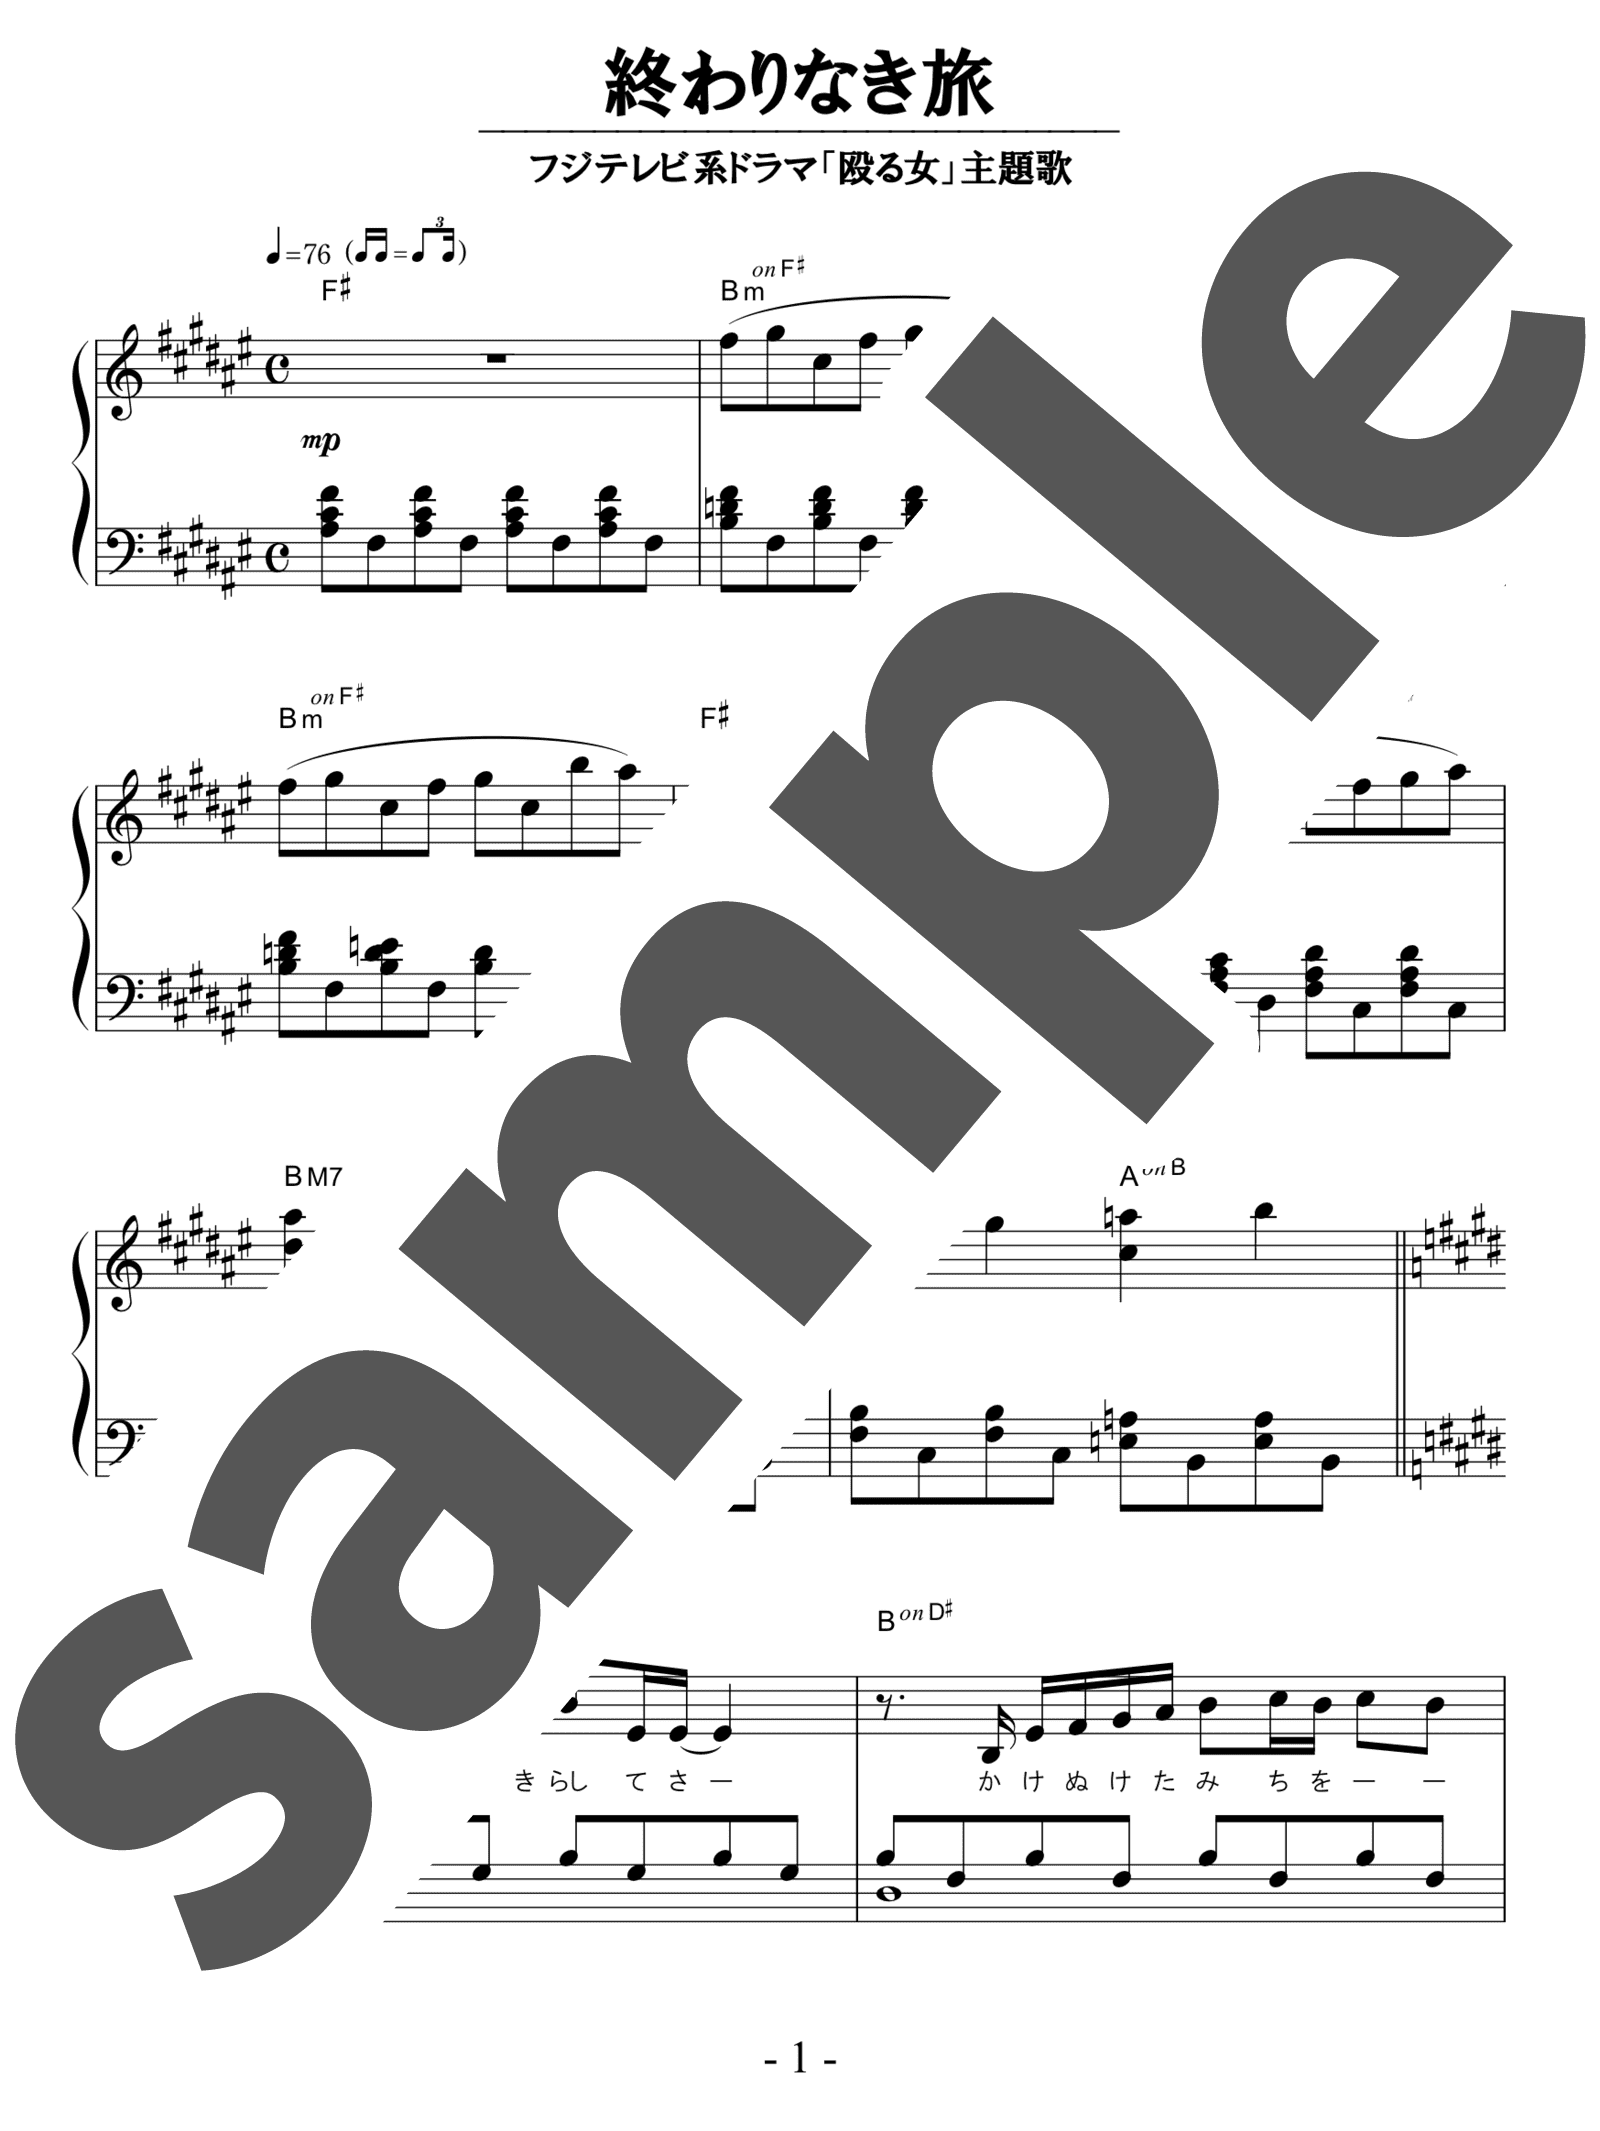 「終わりなき旅」のサンプル楽譜